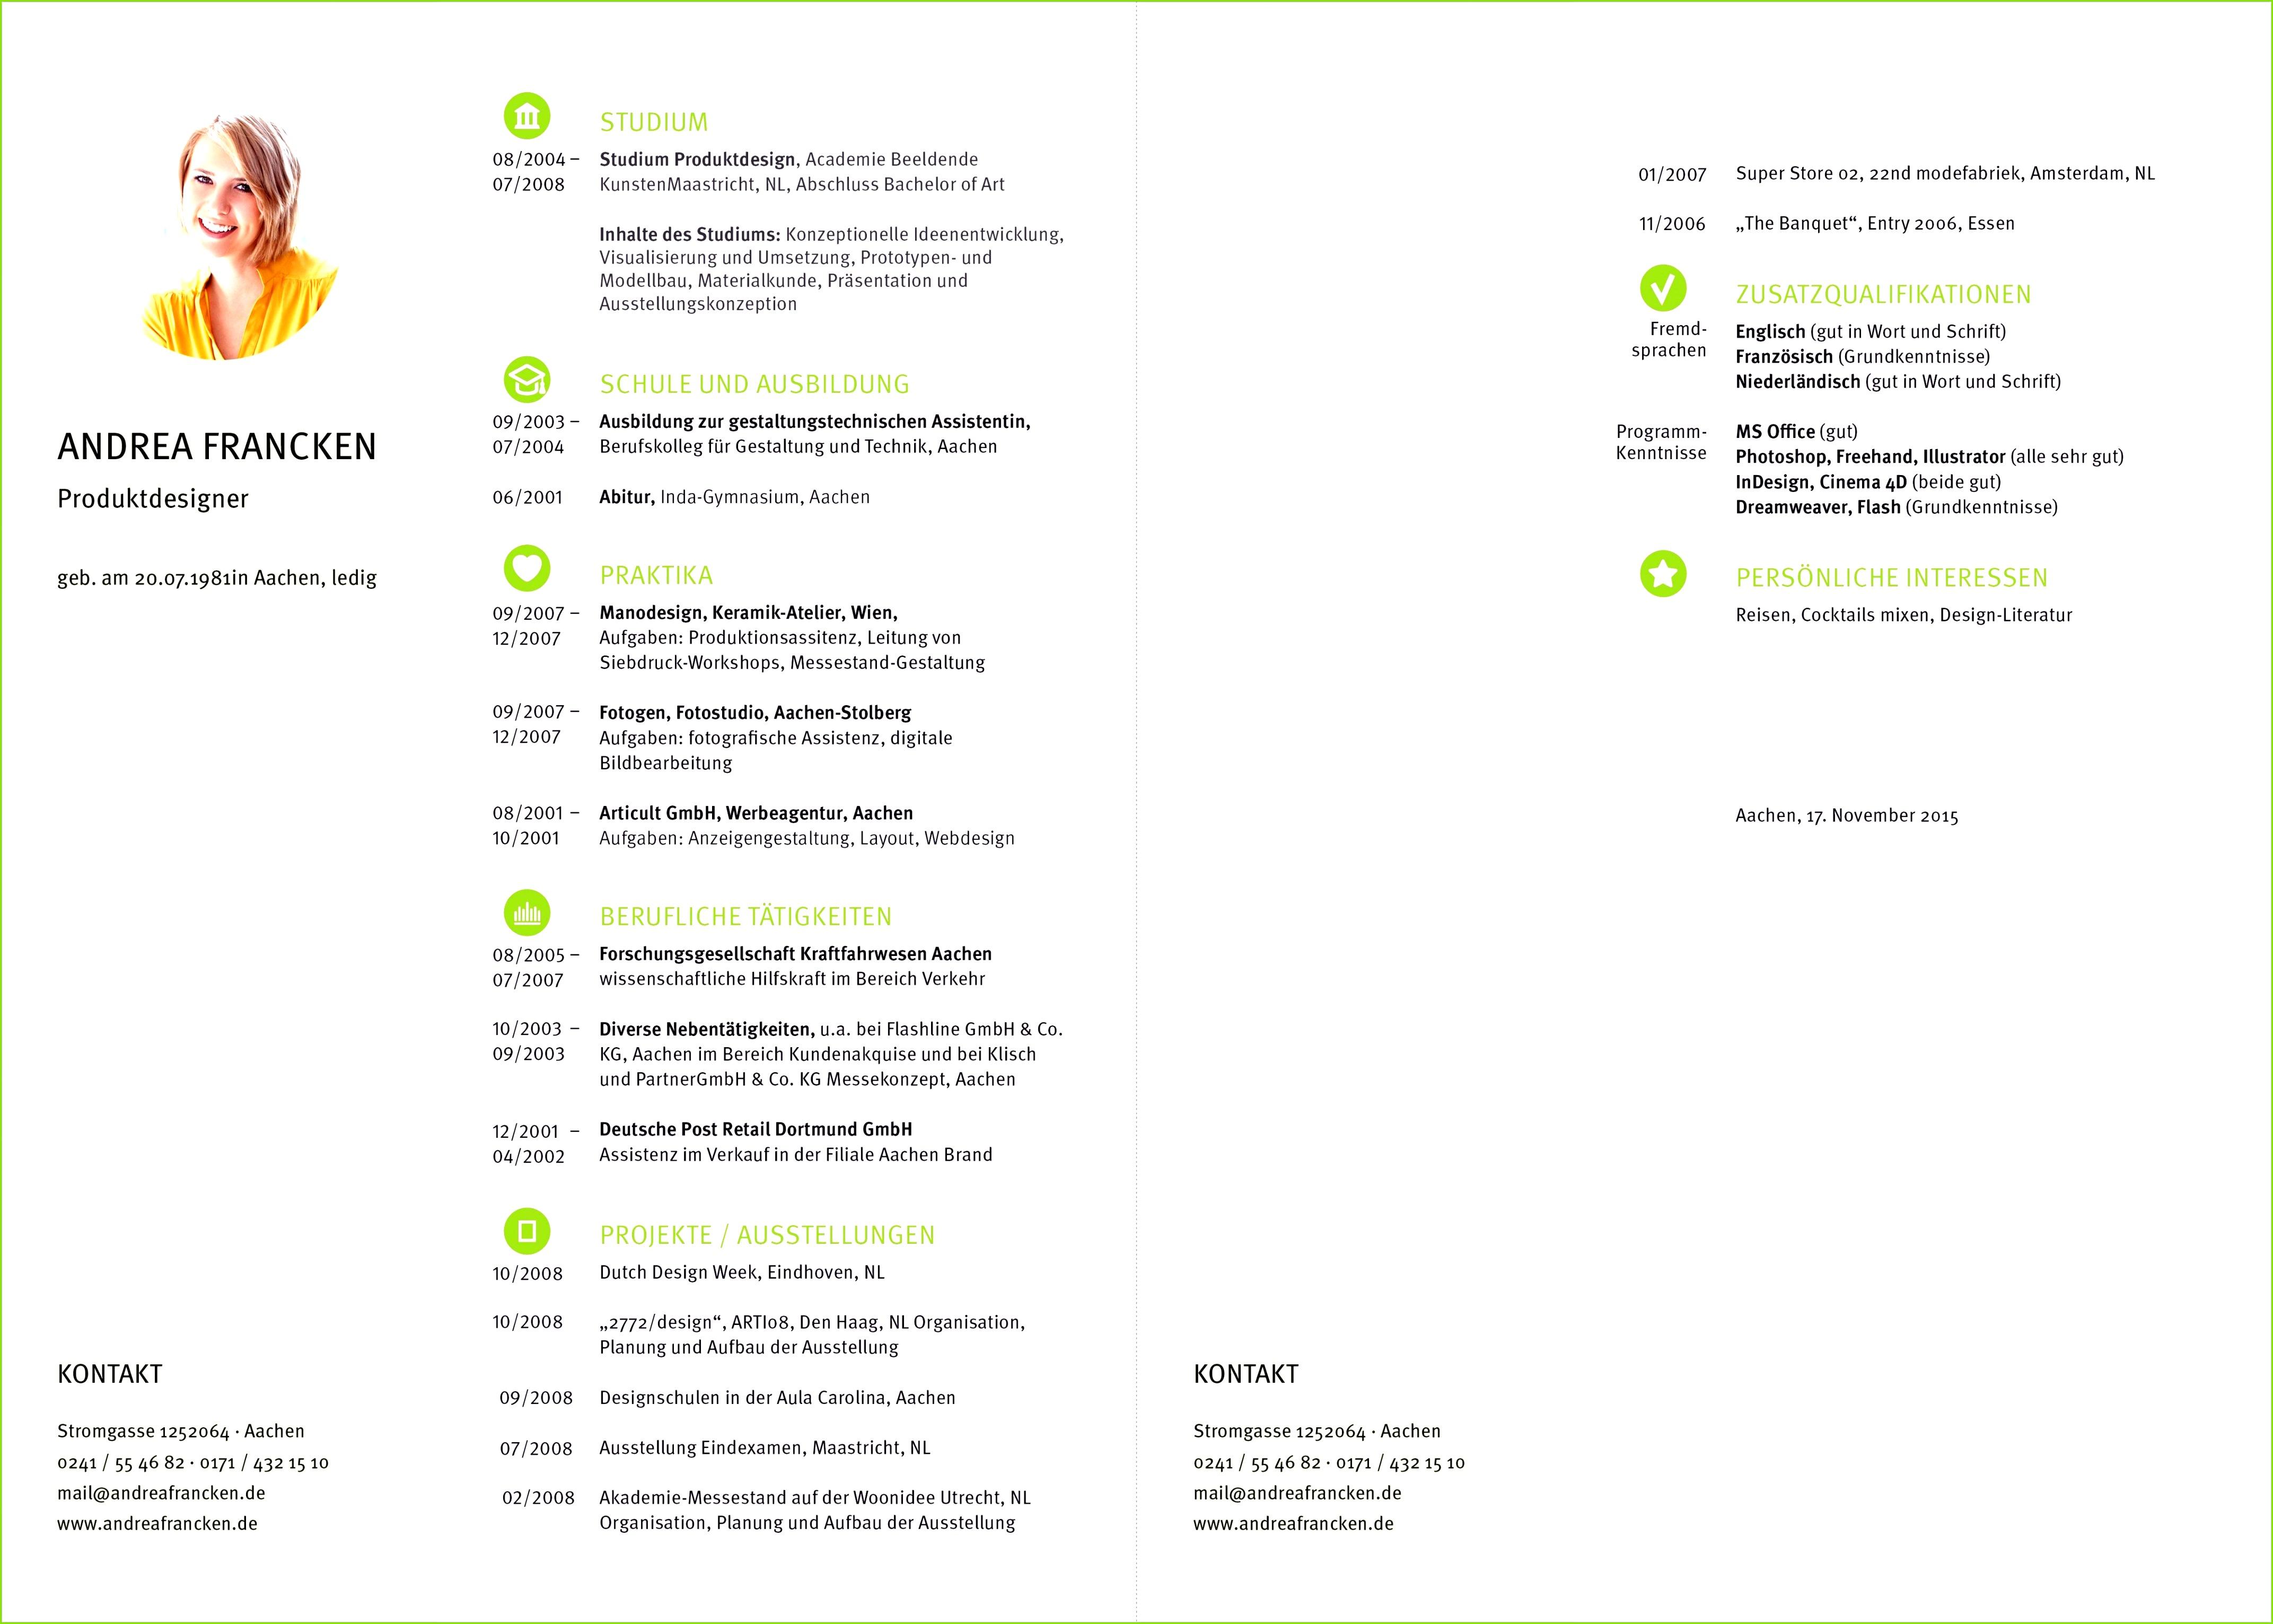 42 Architektur Wissenschaftlicher Lebenslauf Vorlage Messestand Vorlage via douglaschannelenergy 42 architektur wissenschaftlicher lebenslauf vorlage